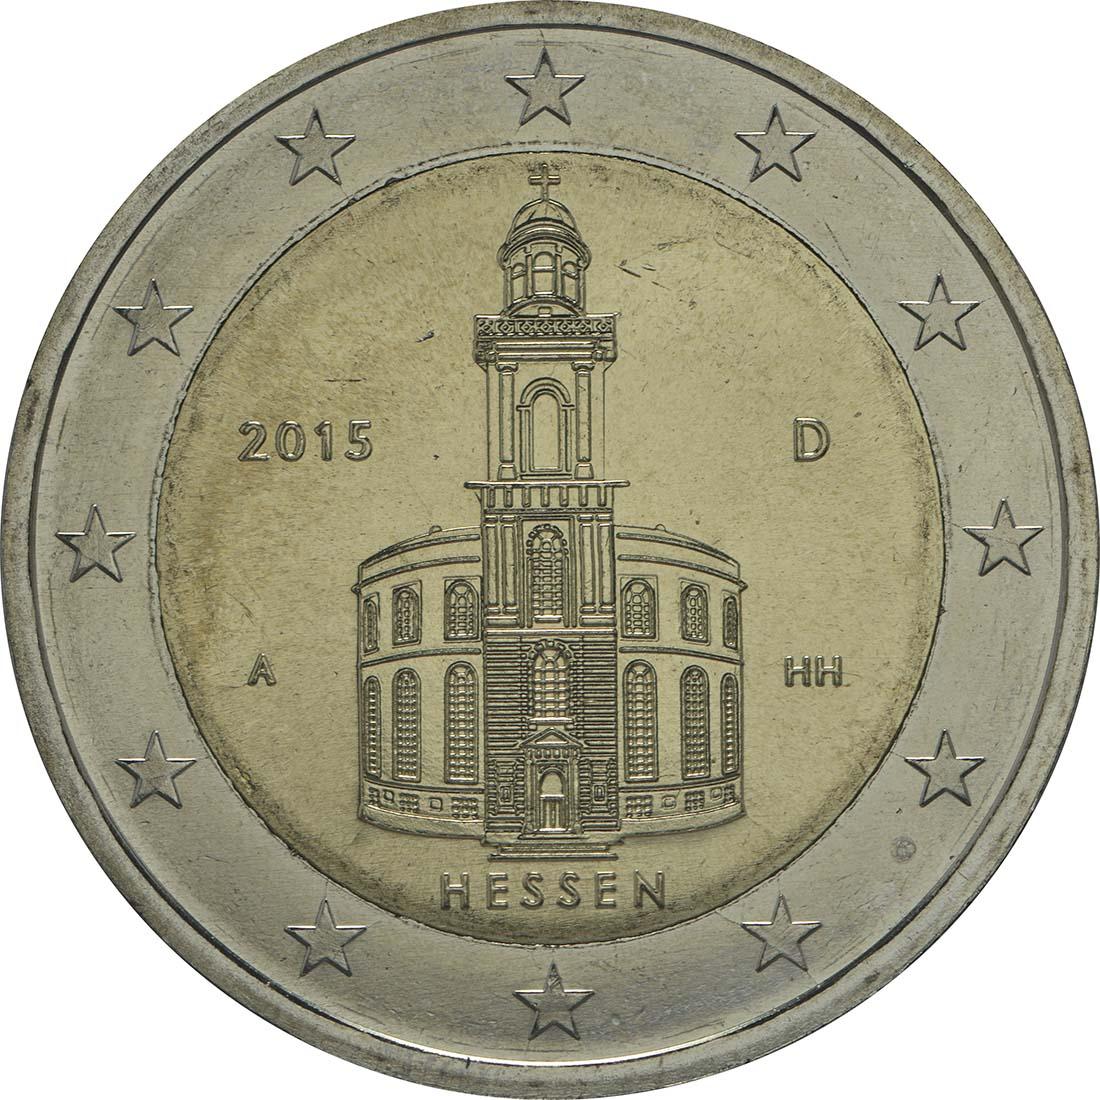 2015 185 Deutschland Hessen.jpg